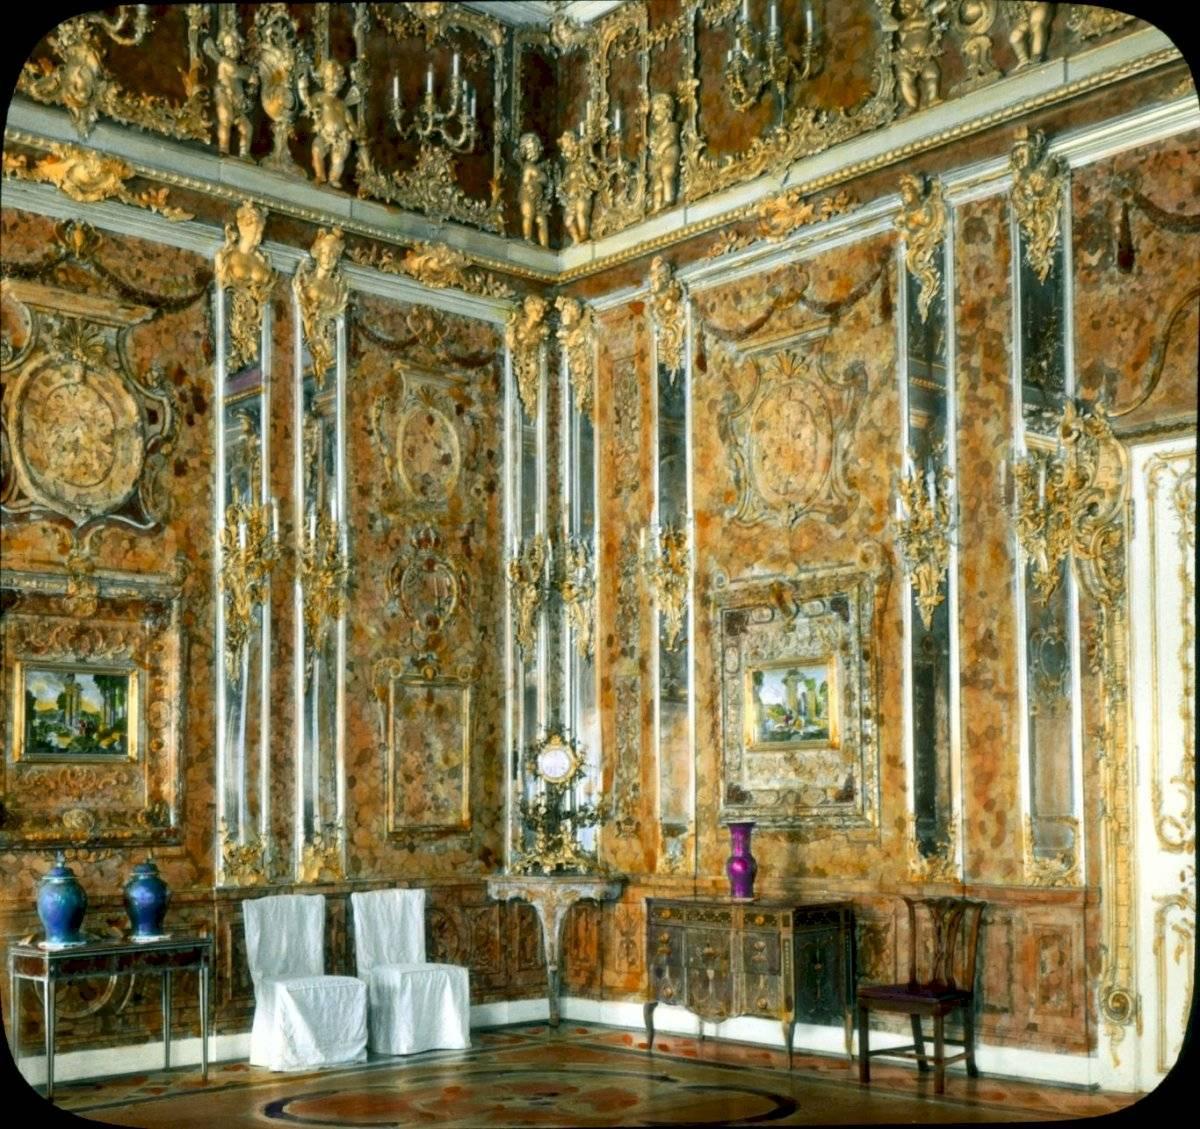 Cámara de Ámbar, un tesoro ruso saqueado por el poderío nazi durante la invasión de 1941.